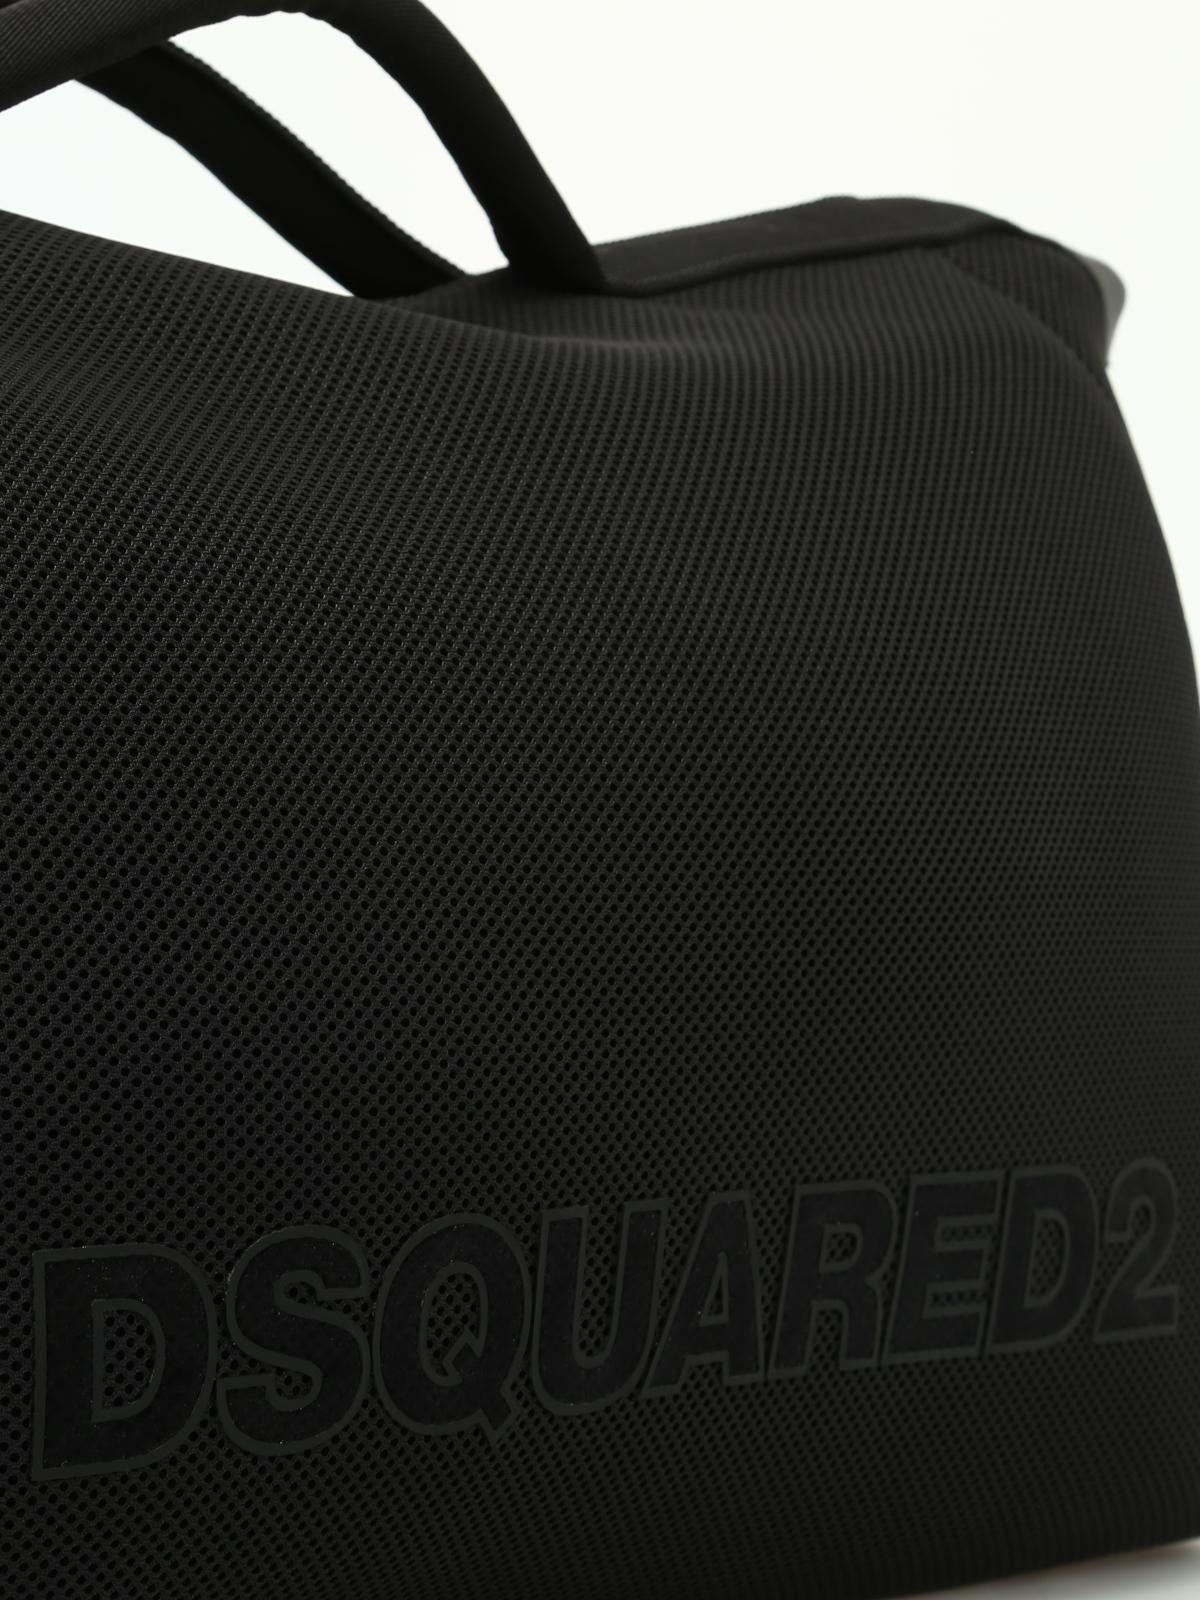 Dsquared2 Black mesh neoprene carryall HtDYwOtSBl